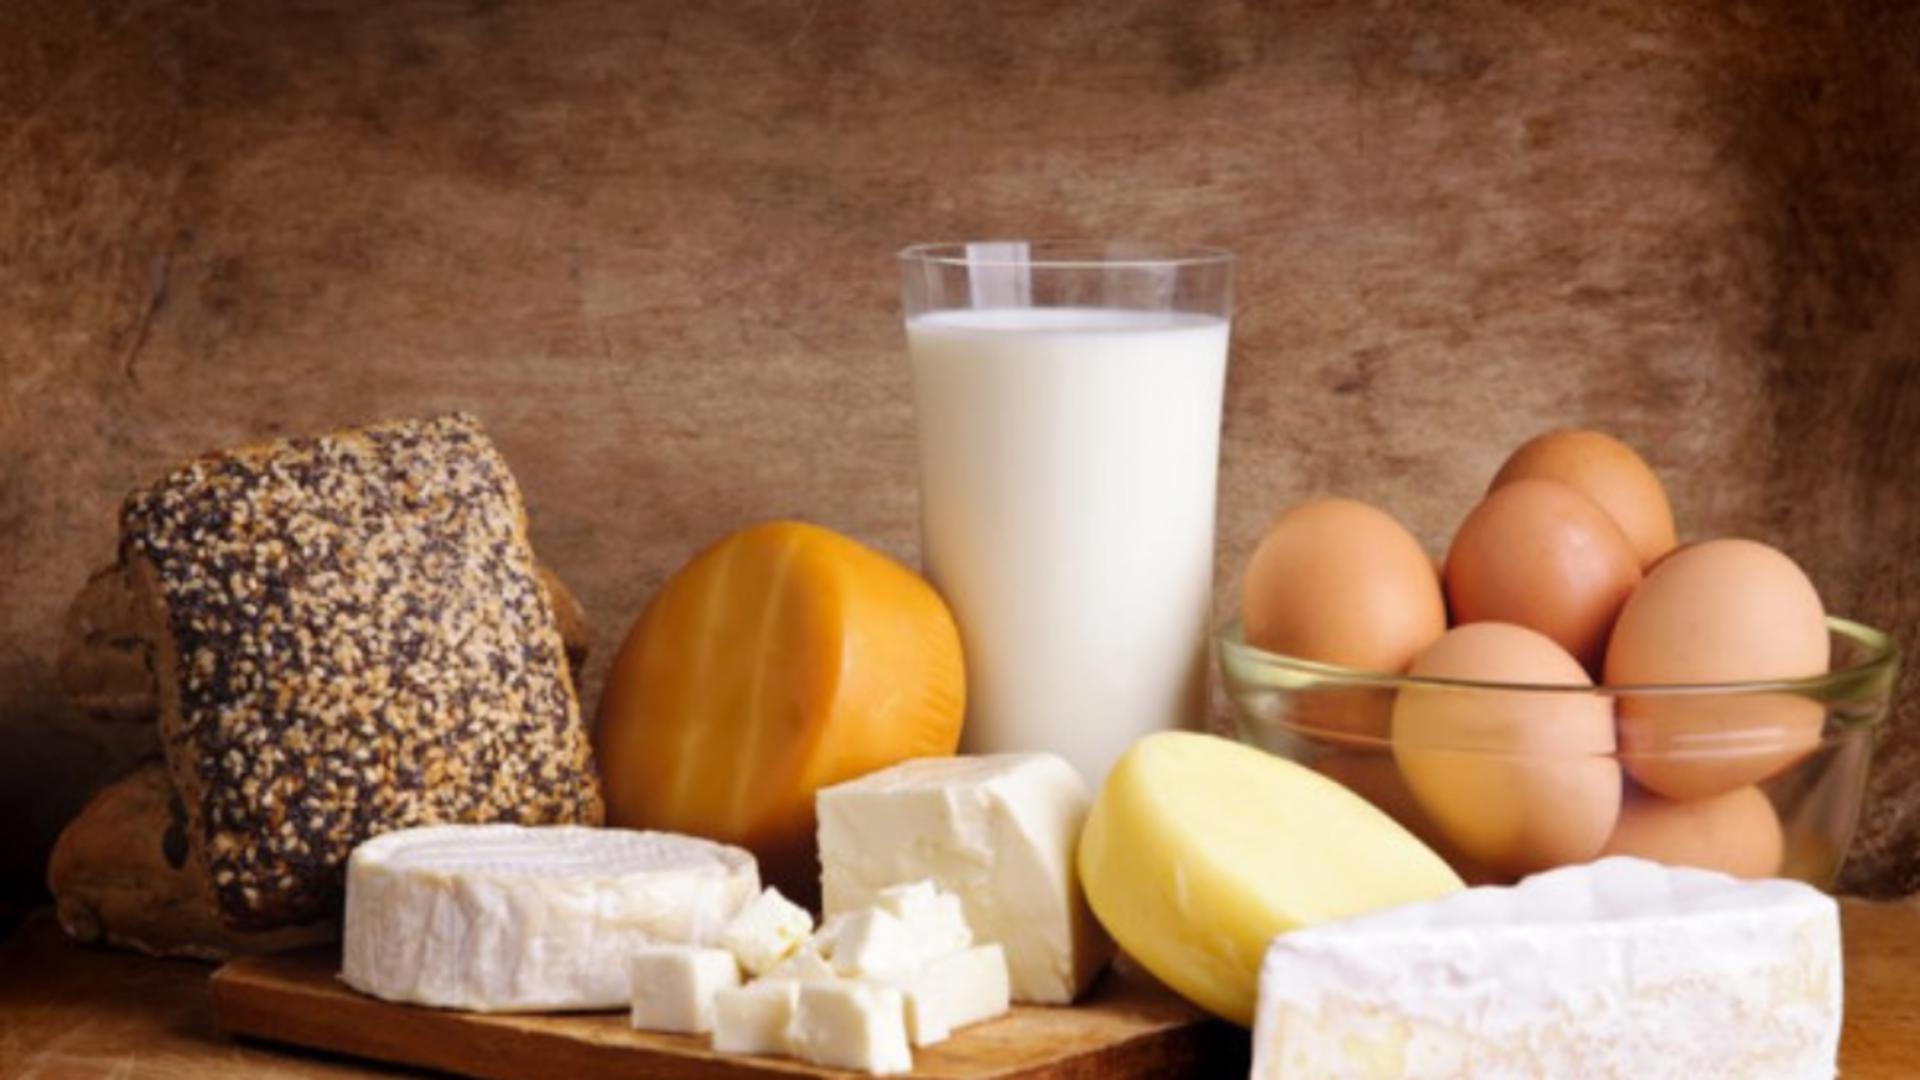 Combinatii alimentare periculoase